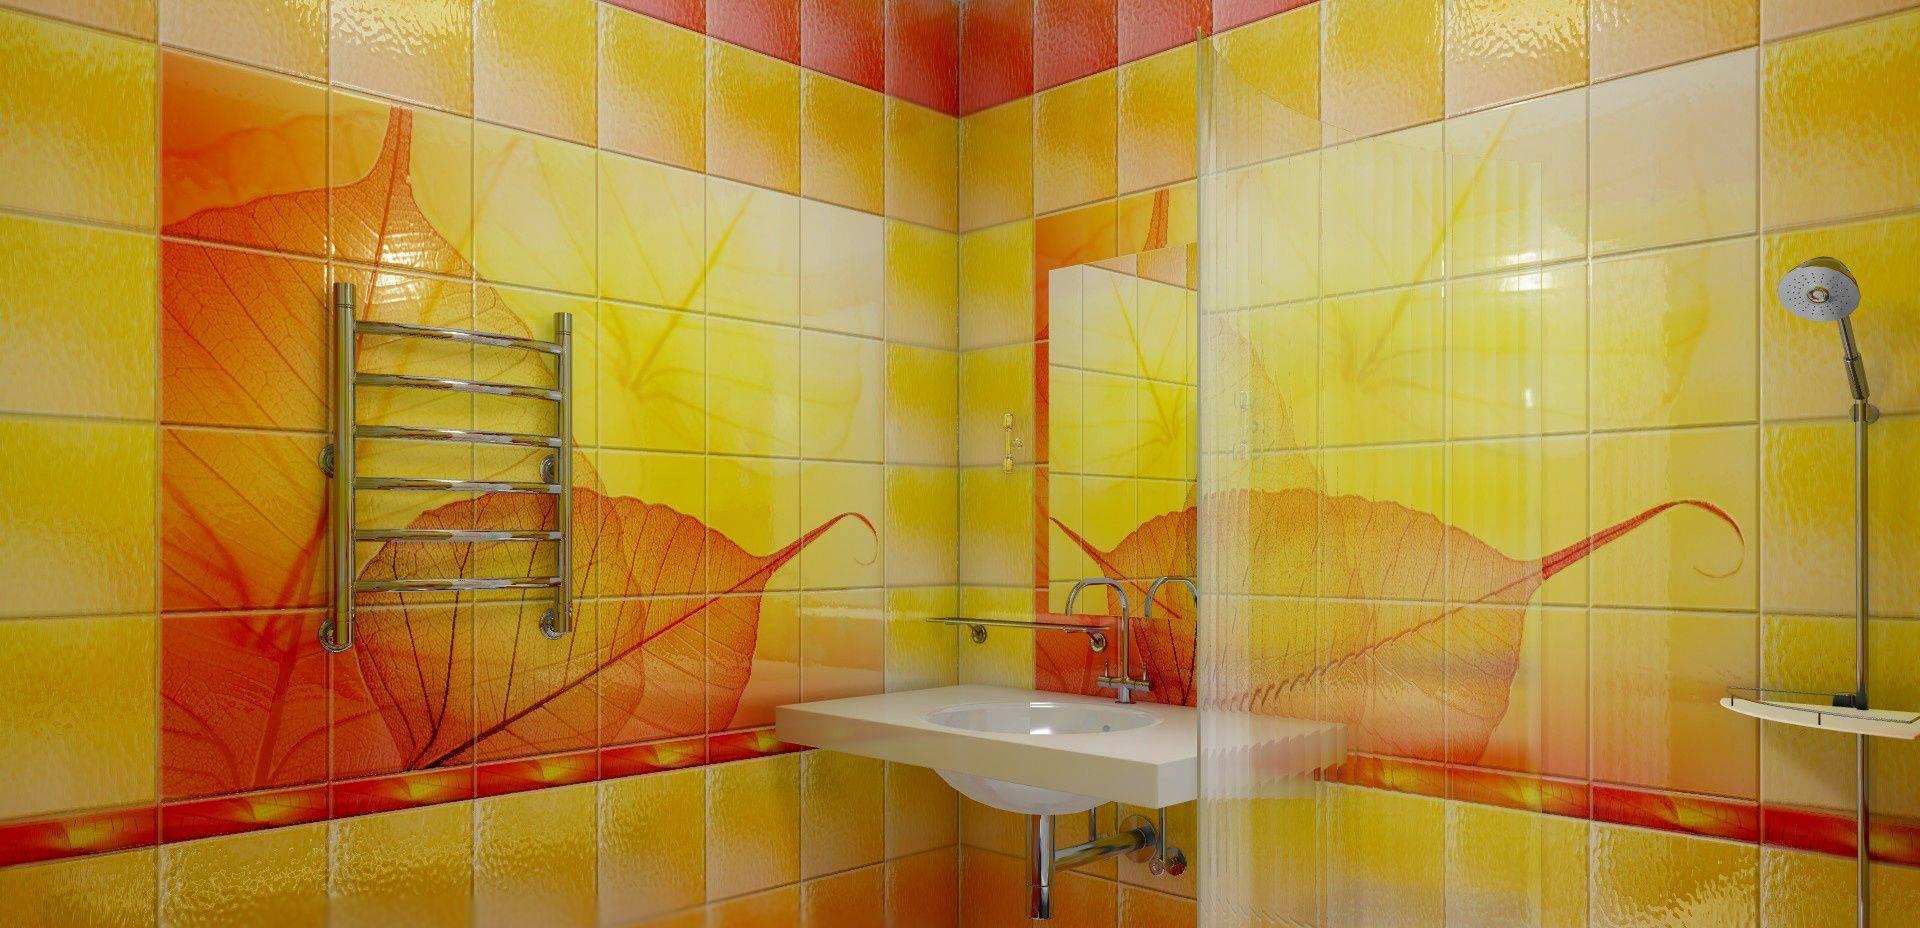 Стеновые пвх-панели для ванной комнаты (52 фото): пластиковые варианты для стен, размеры настенных 3d панелей для отделки